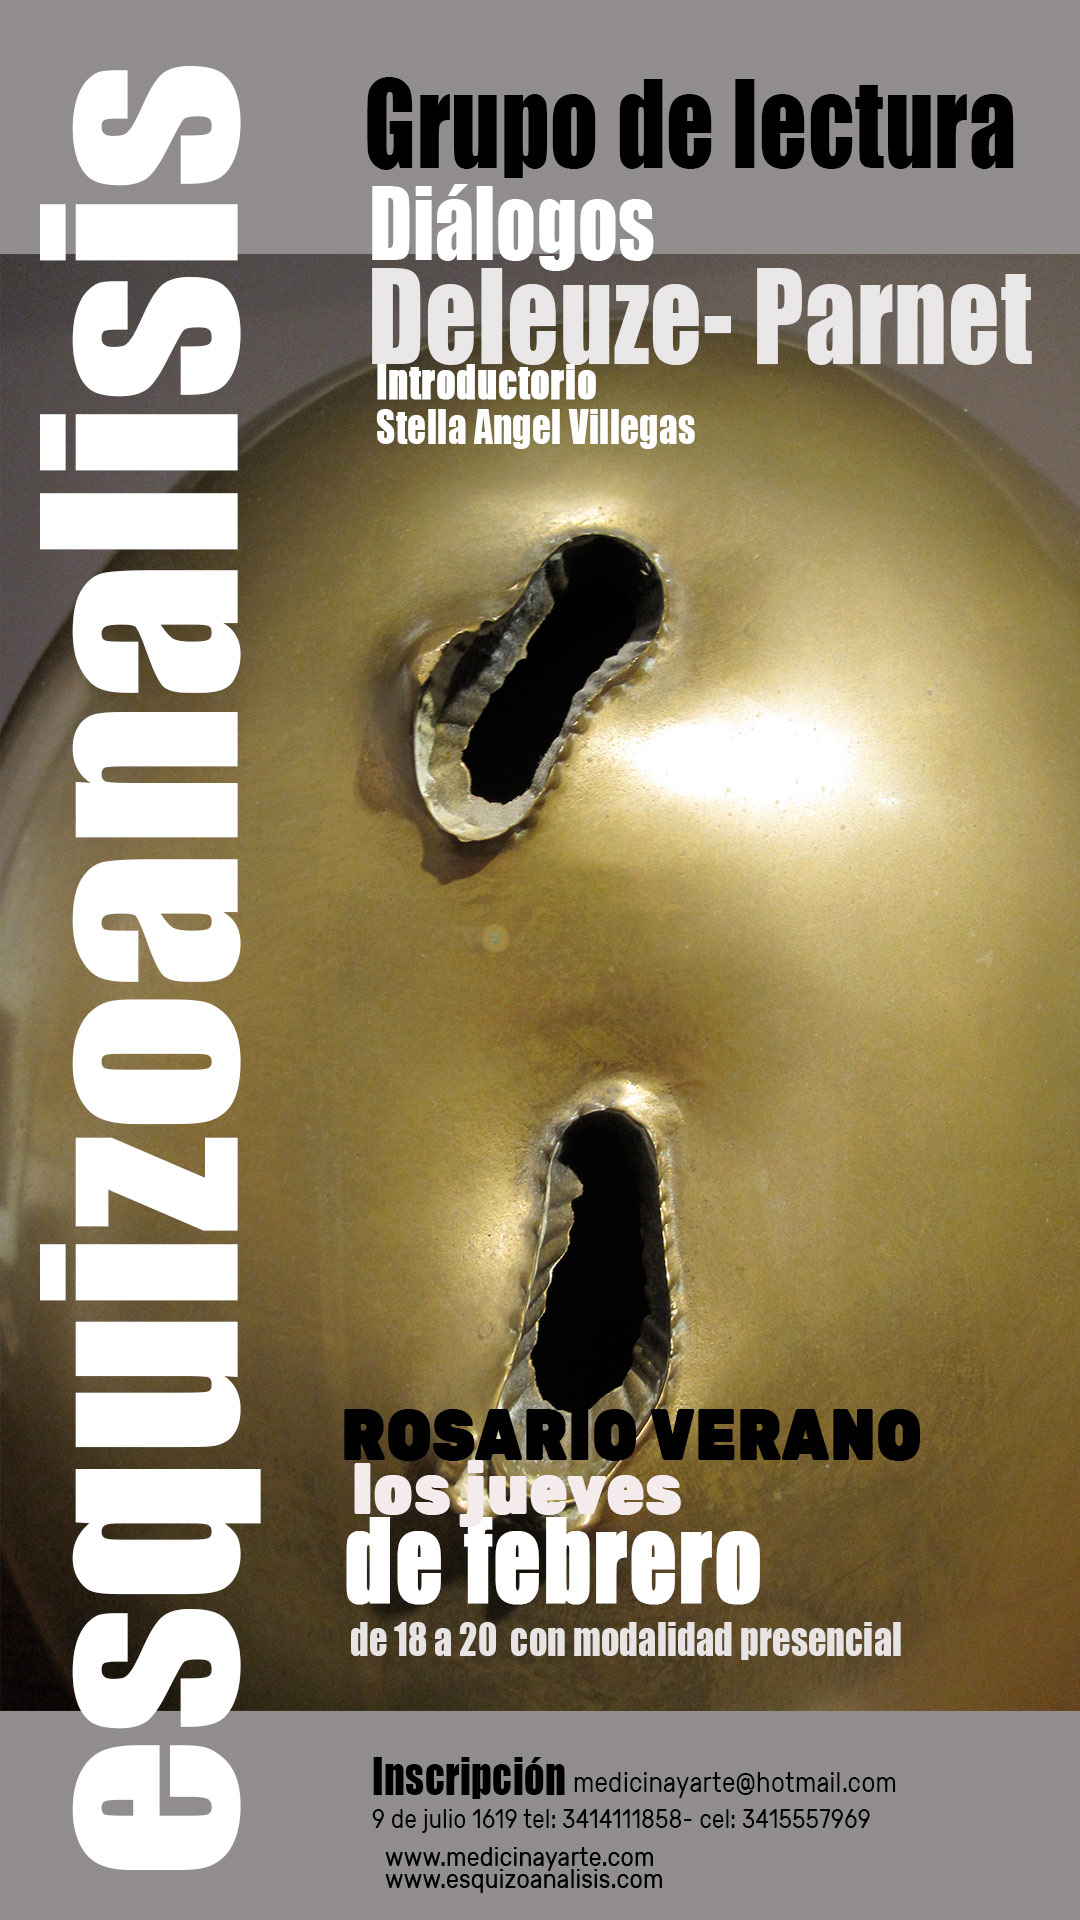 http://medicinayarte.com/img/Grupo-de-lectura-rosario-dialogos-deleuze2.jpg